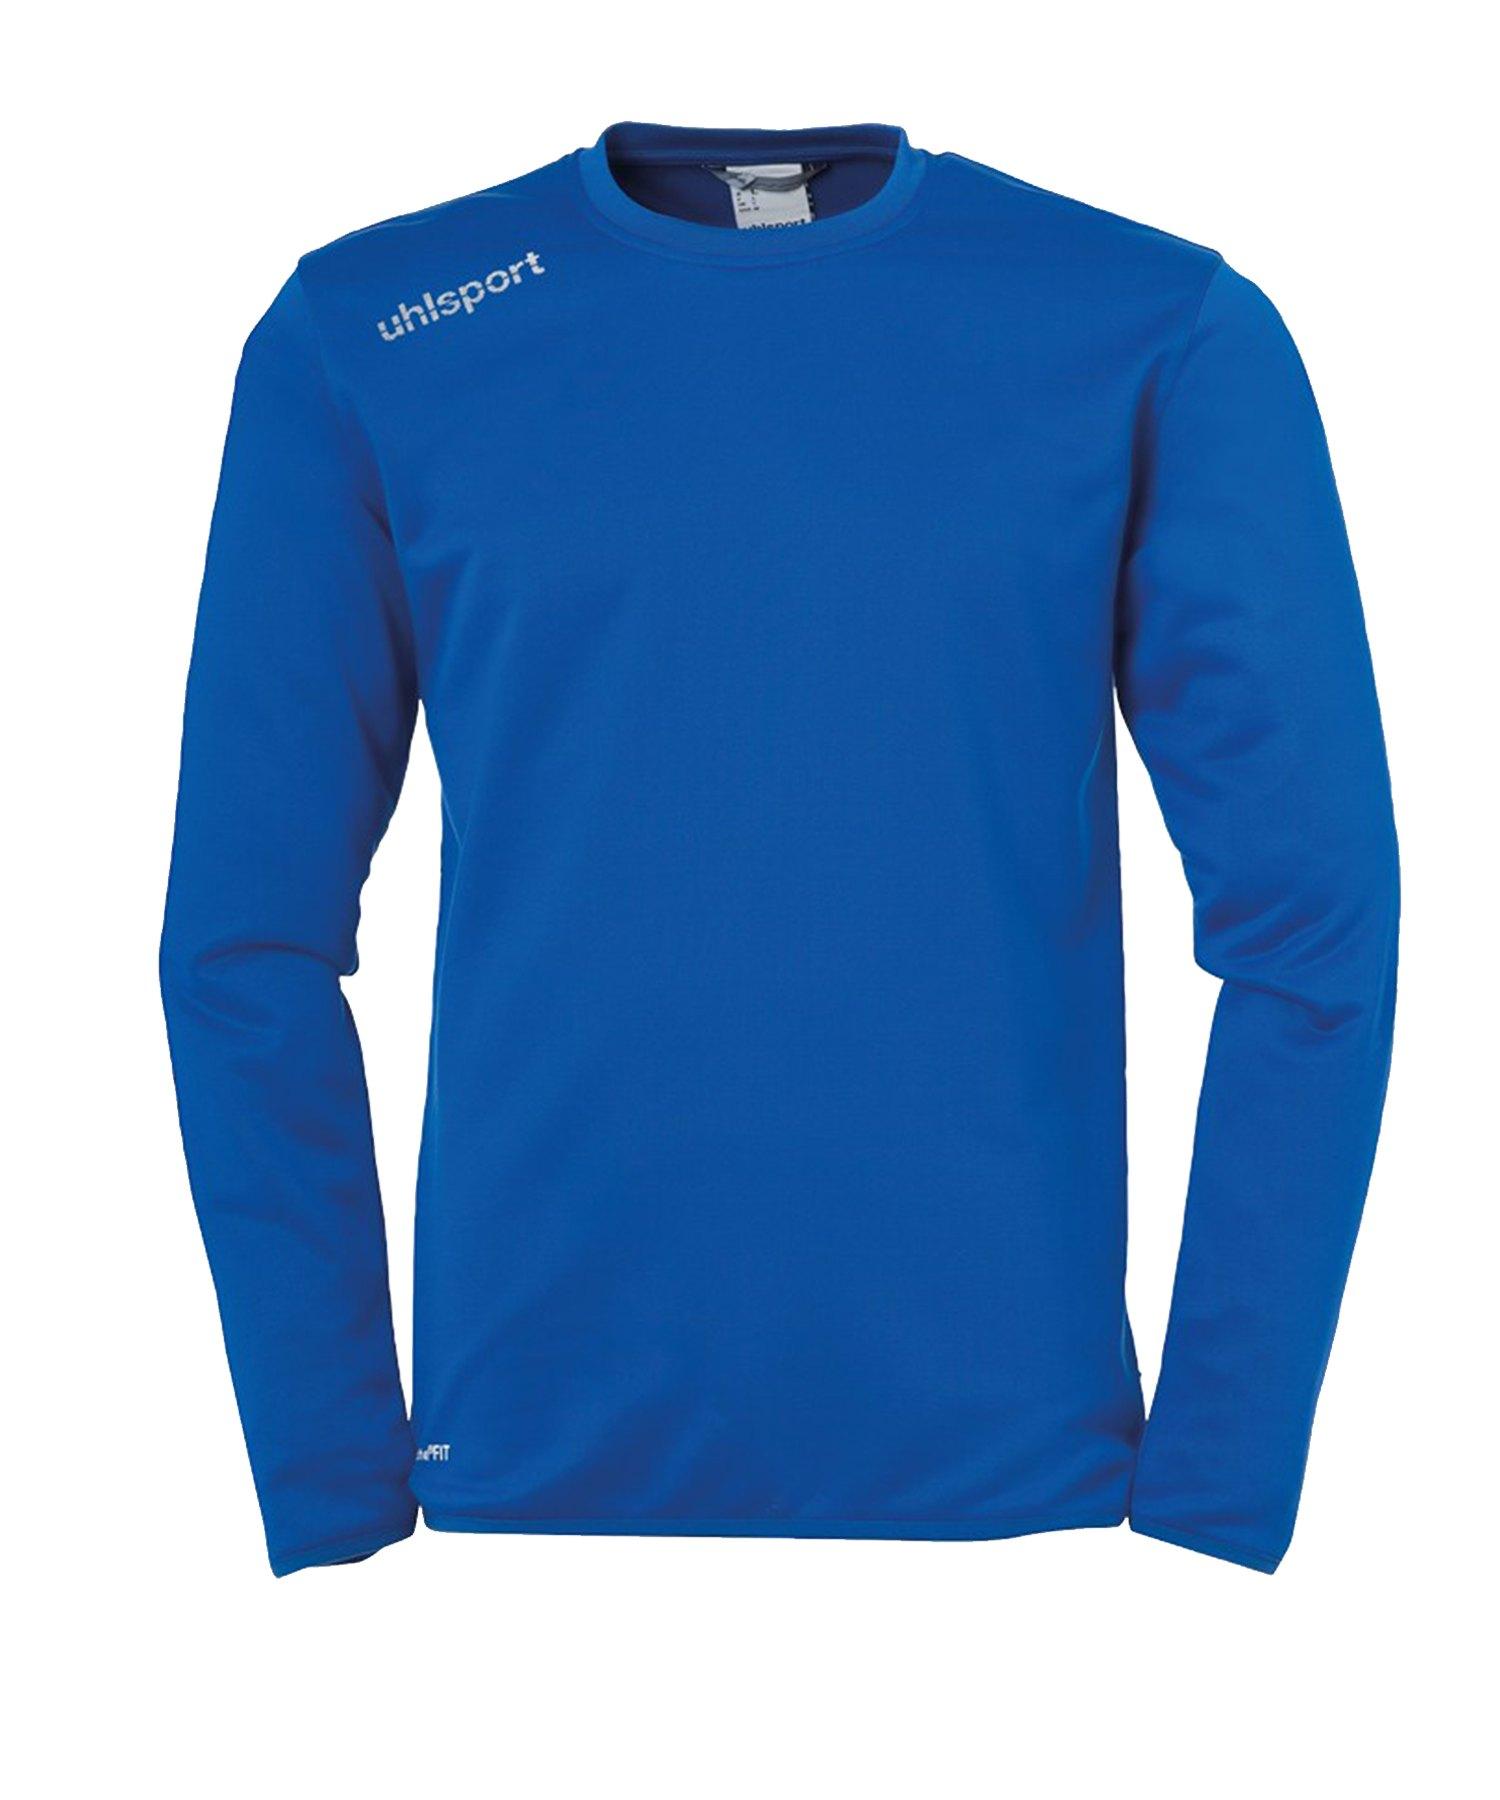 Uhlsport Essential Trainingstop langarm Kids F03 - Blau